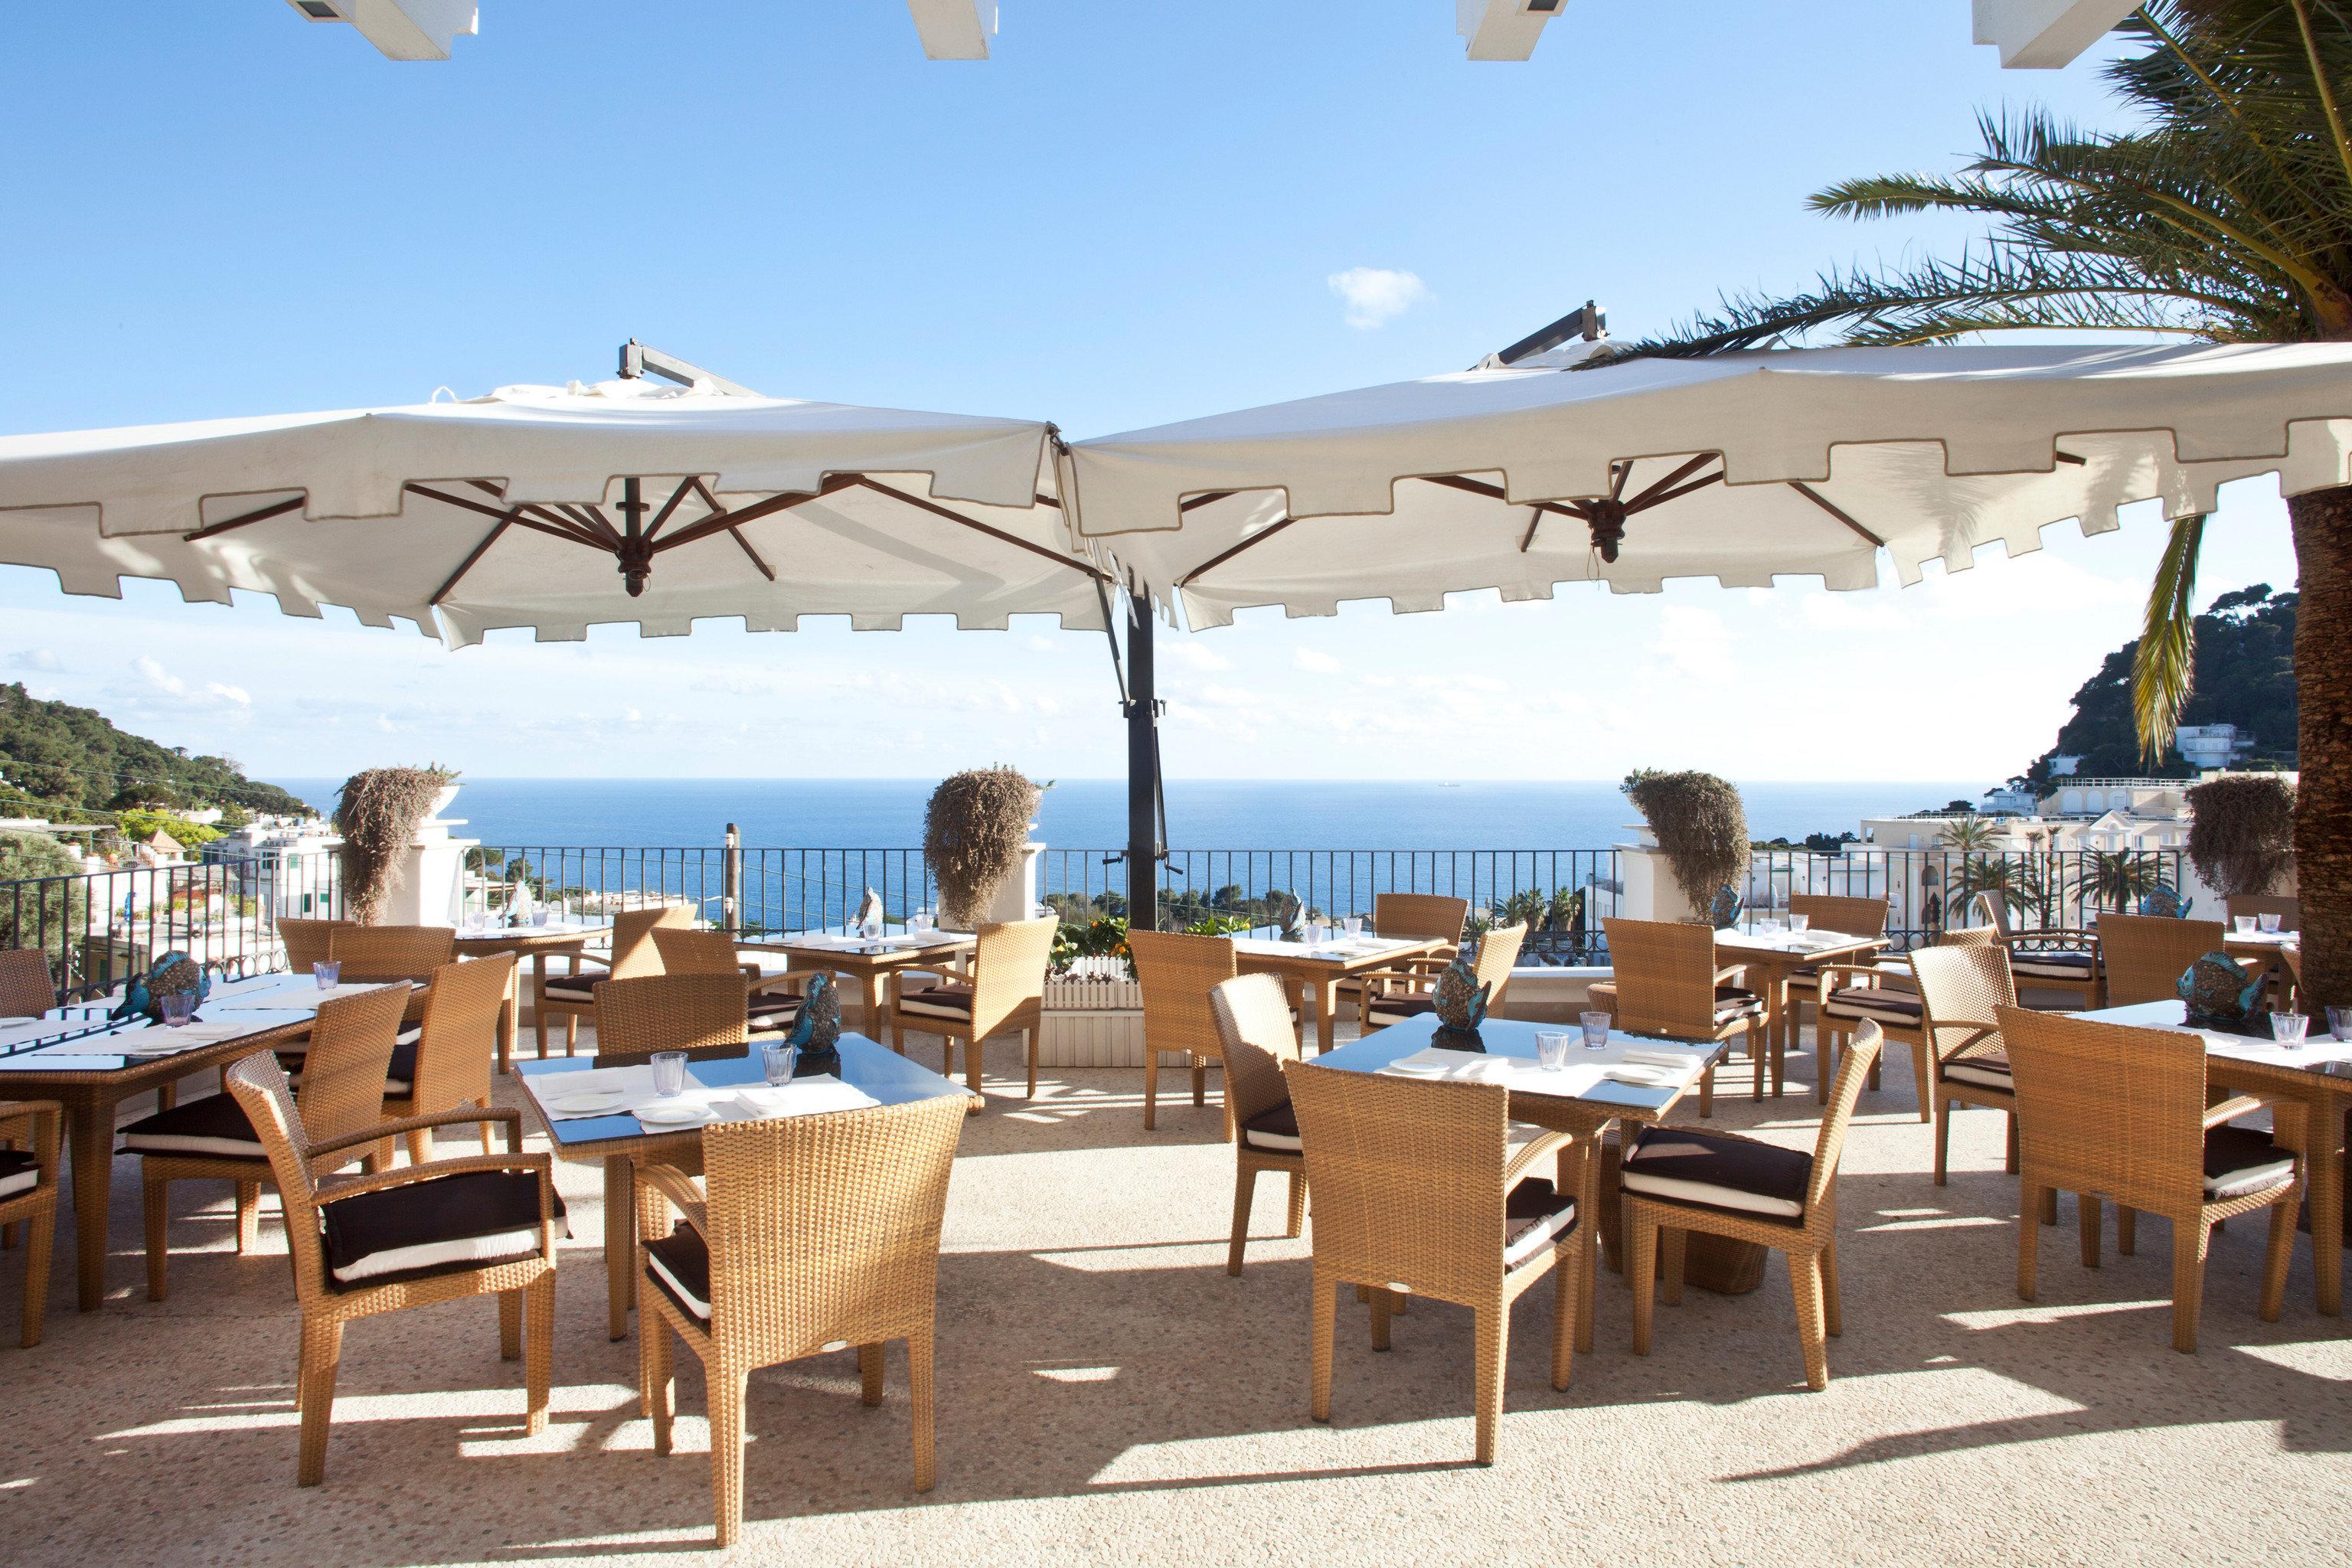 Hotels sky chair property Resort restaurant Beach Villa Deck